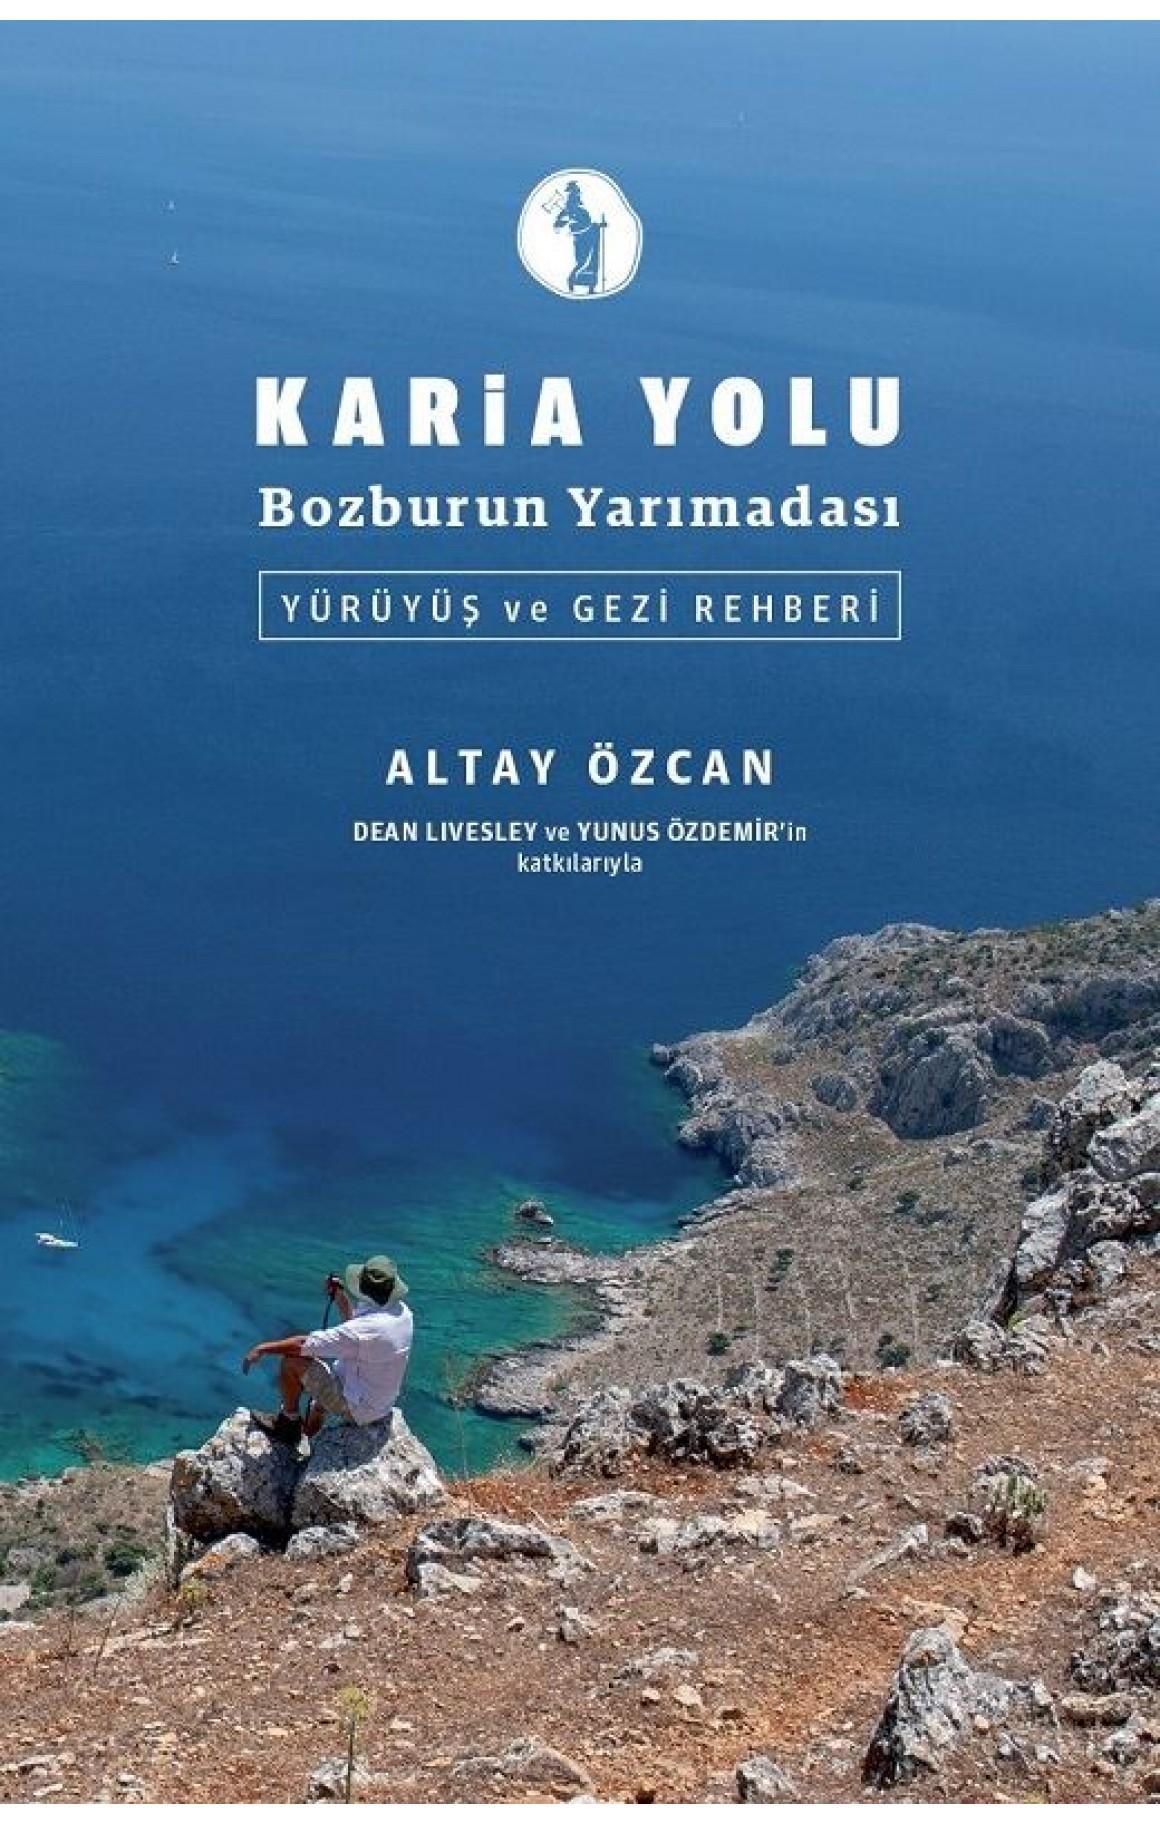 Karia Yolu Bozburun Yarımadası-Yürüyüş ve Gezi Rehberi